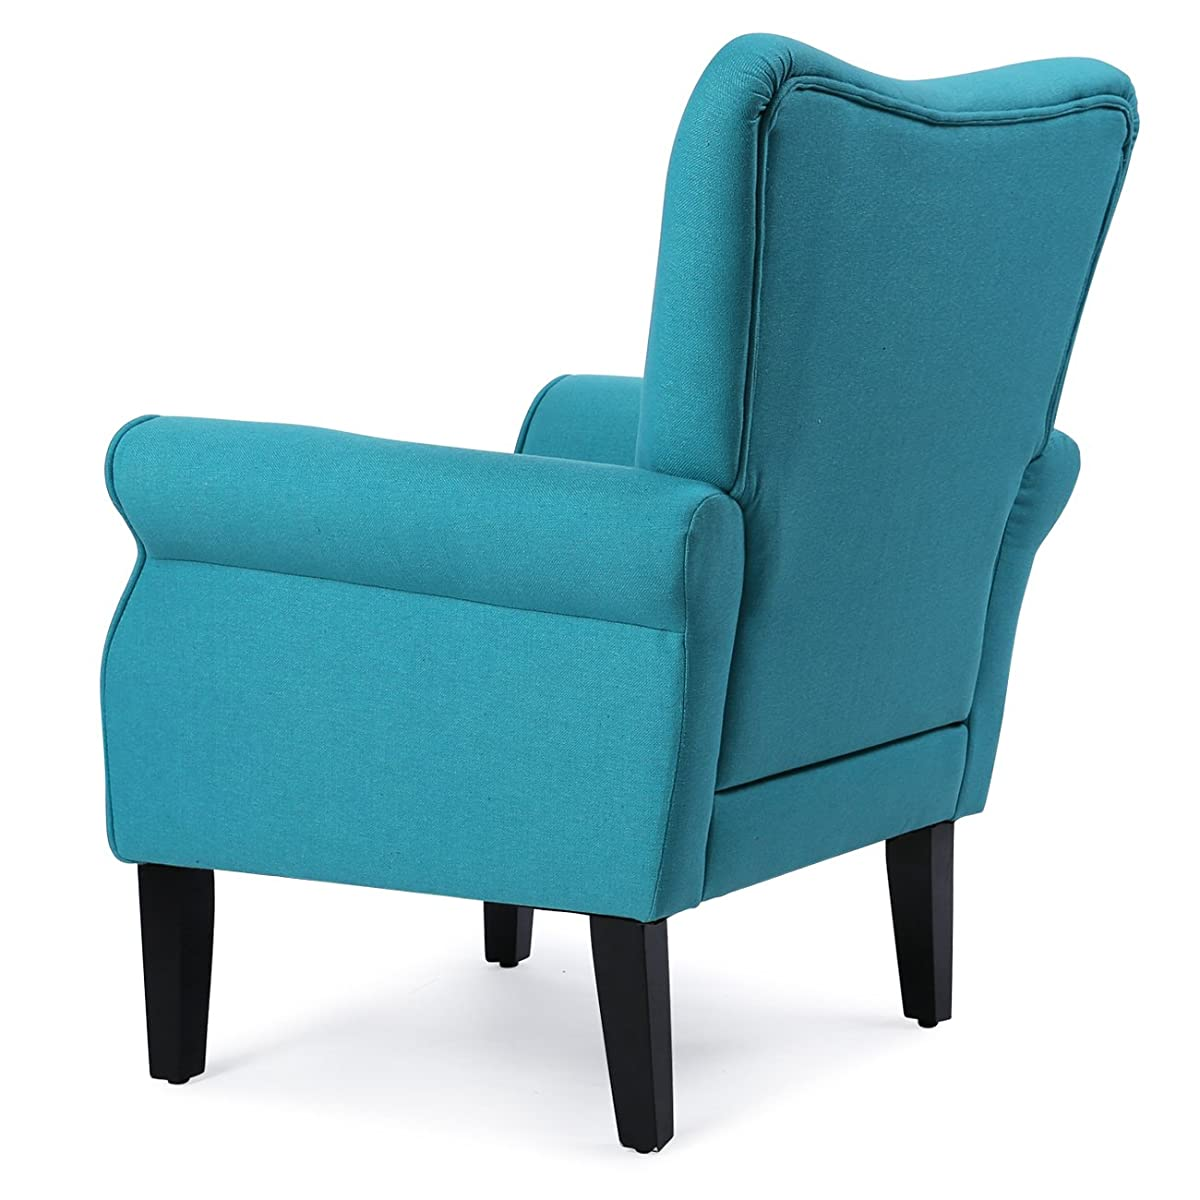 Belleze Living Room Armchair Linen Armrest Modern Accent Chair High Back Wingback, Mallard Teal